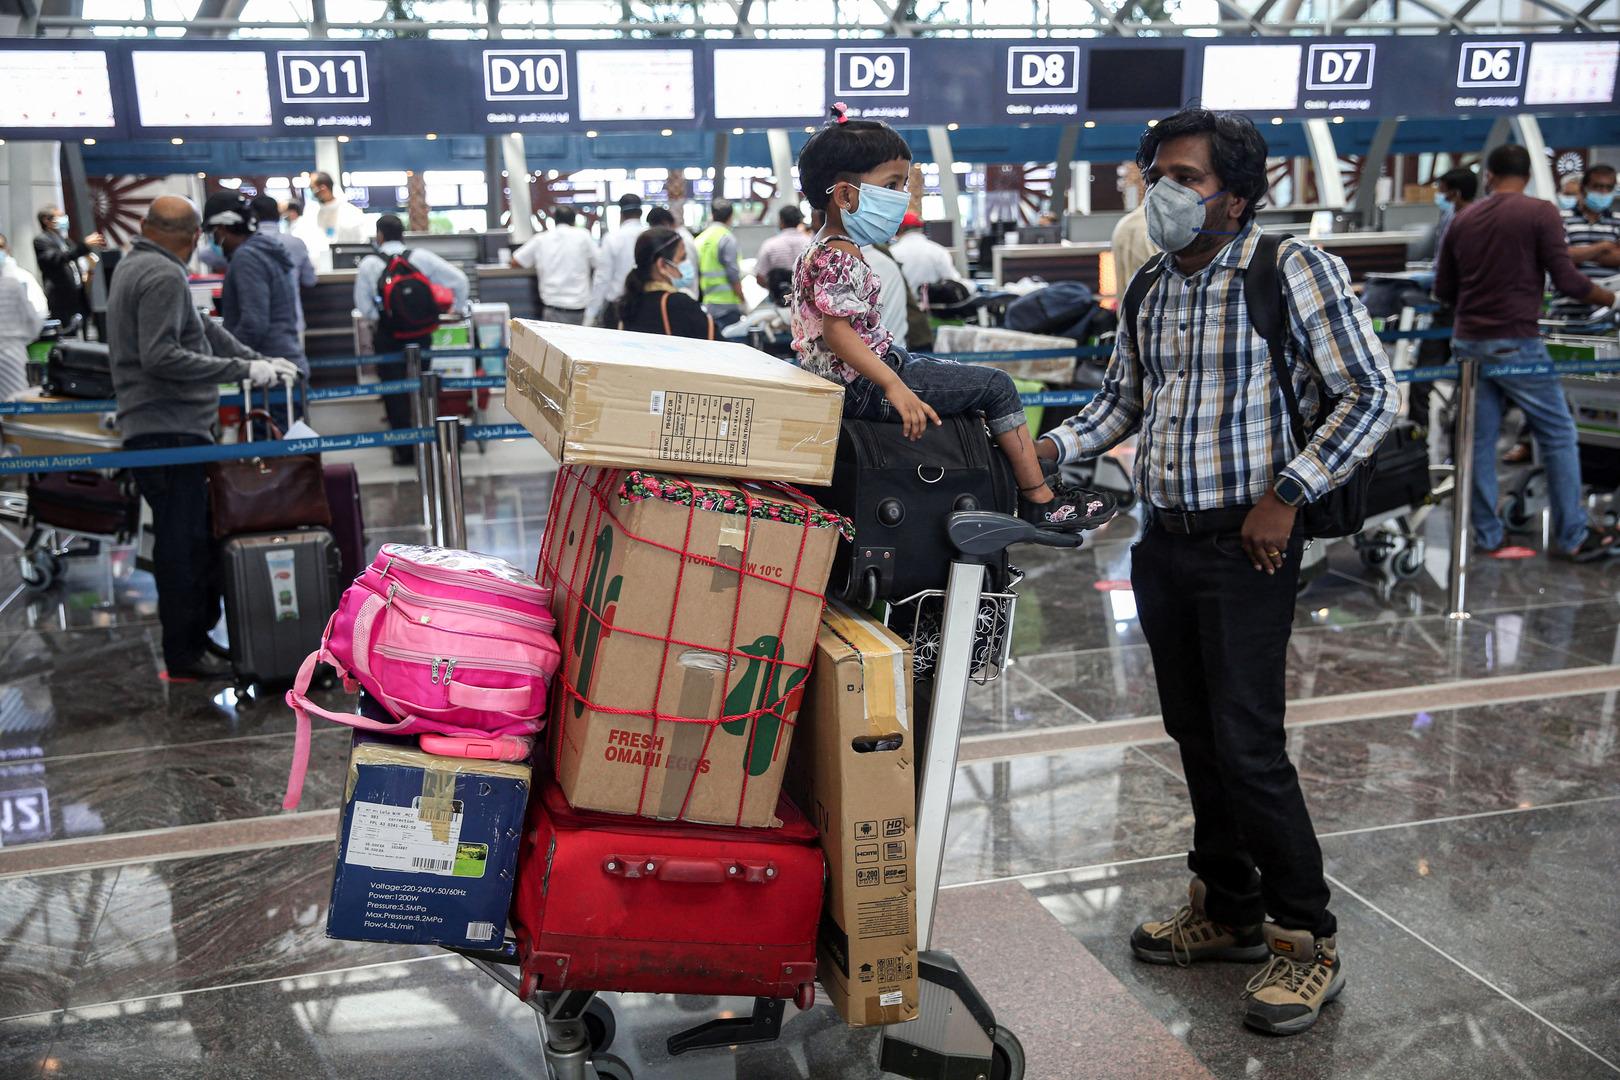 سلطنة عمان تعلن تمديد تعليق دخول القادمين إليها من 14 دولة حتى إشعار آخر